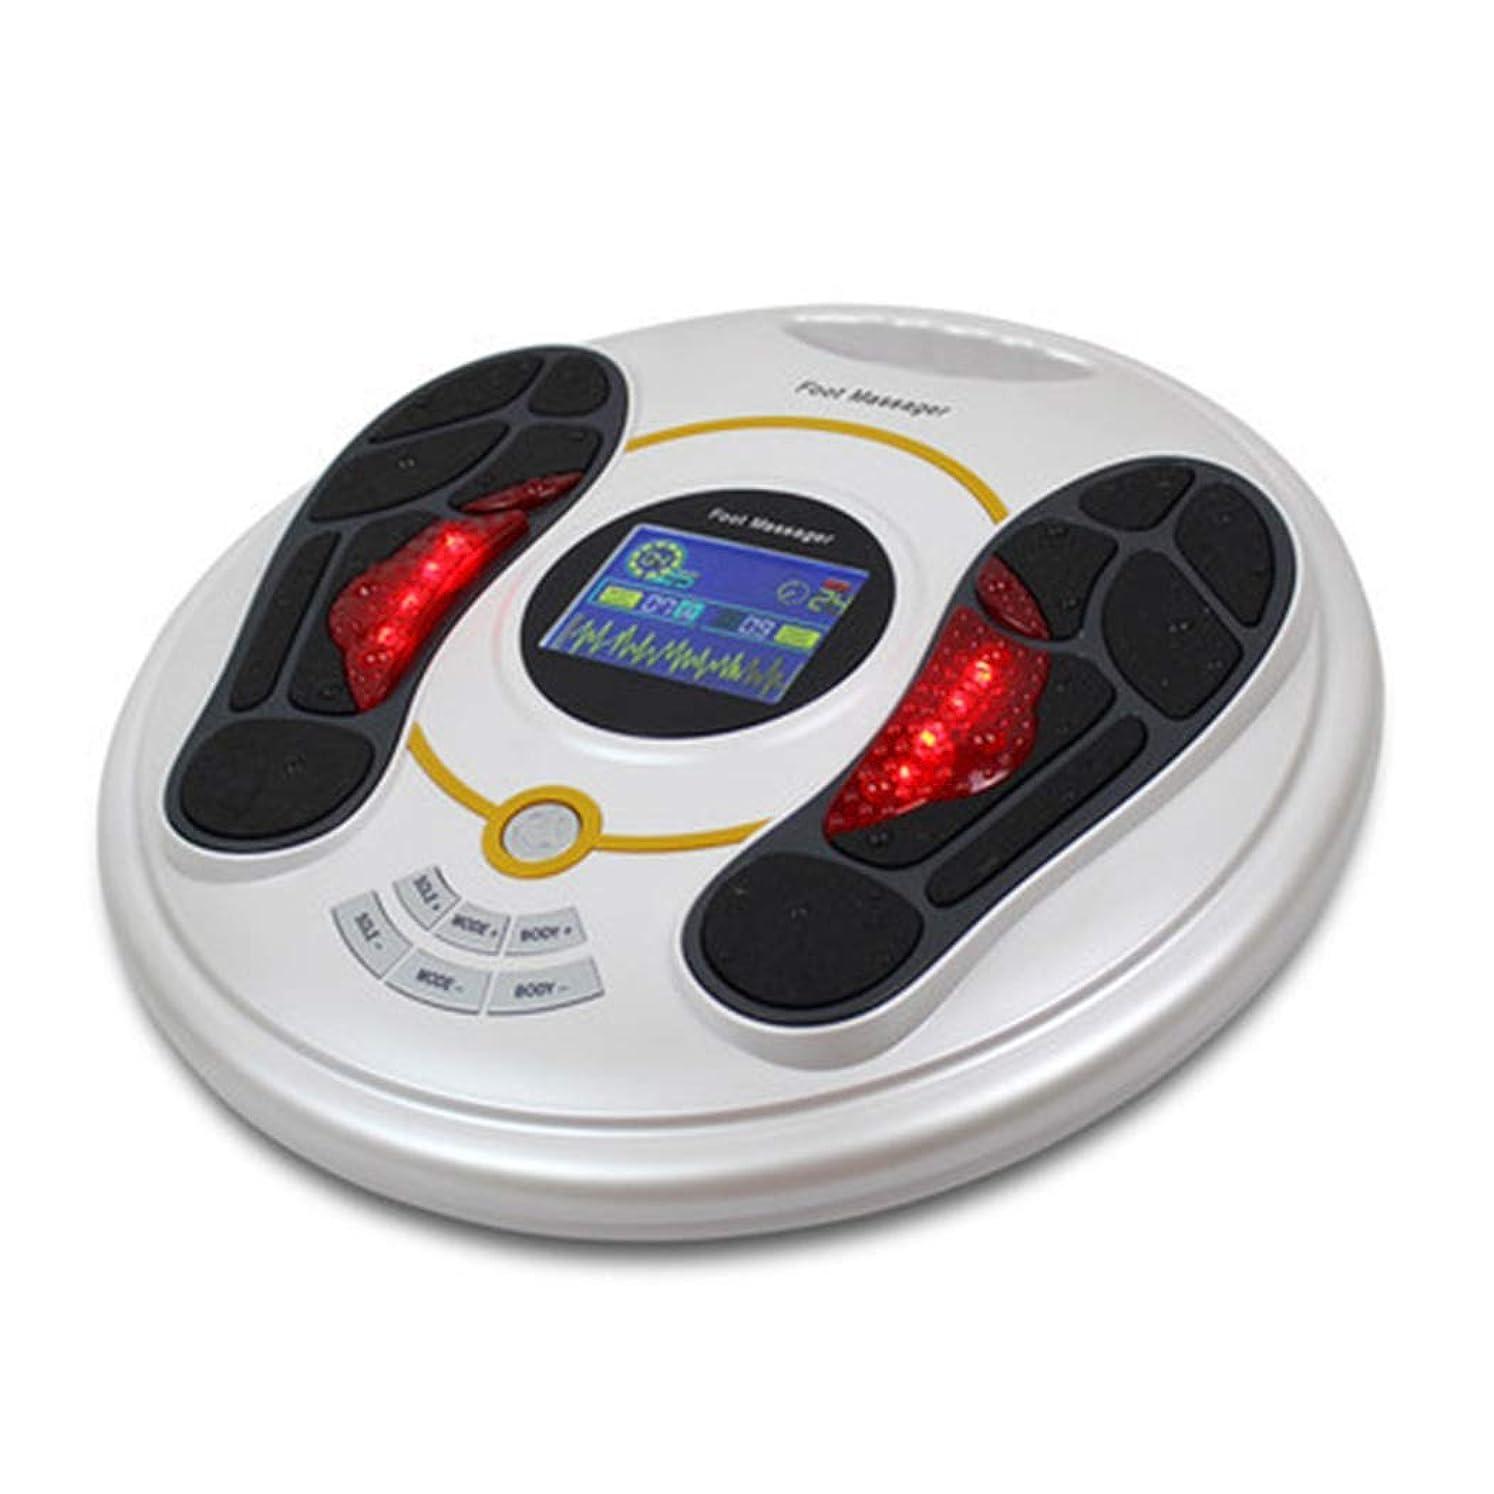 防水着陸ストレスの多い血液循環を促進リモートコントロールフットマッサージャー指圧マシン電動足マッサージャースパ、熱、ディープニーディング機能ホームオフィスでの使用のための足のストレス緩和インテリジェント、ホワイト